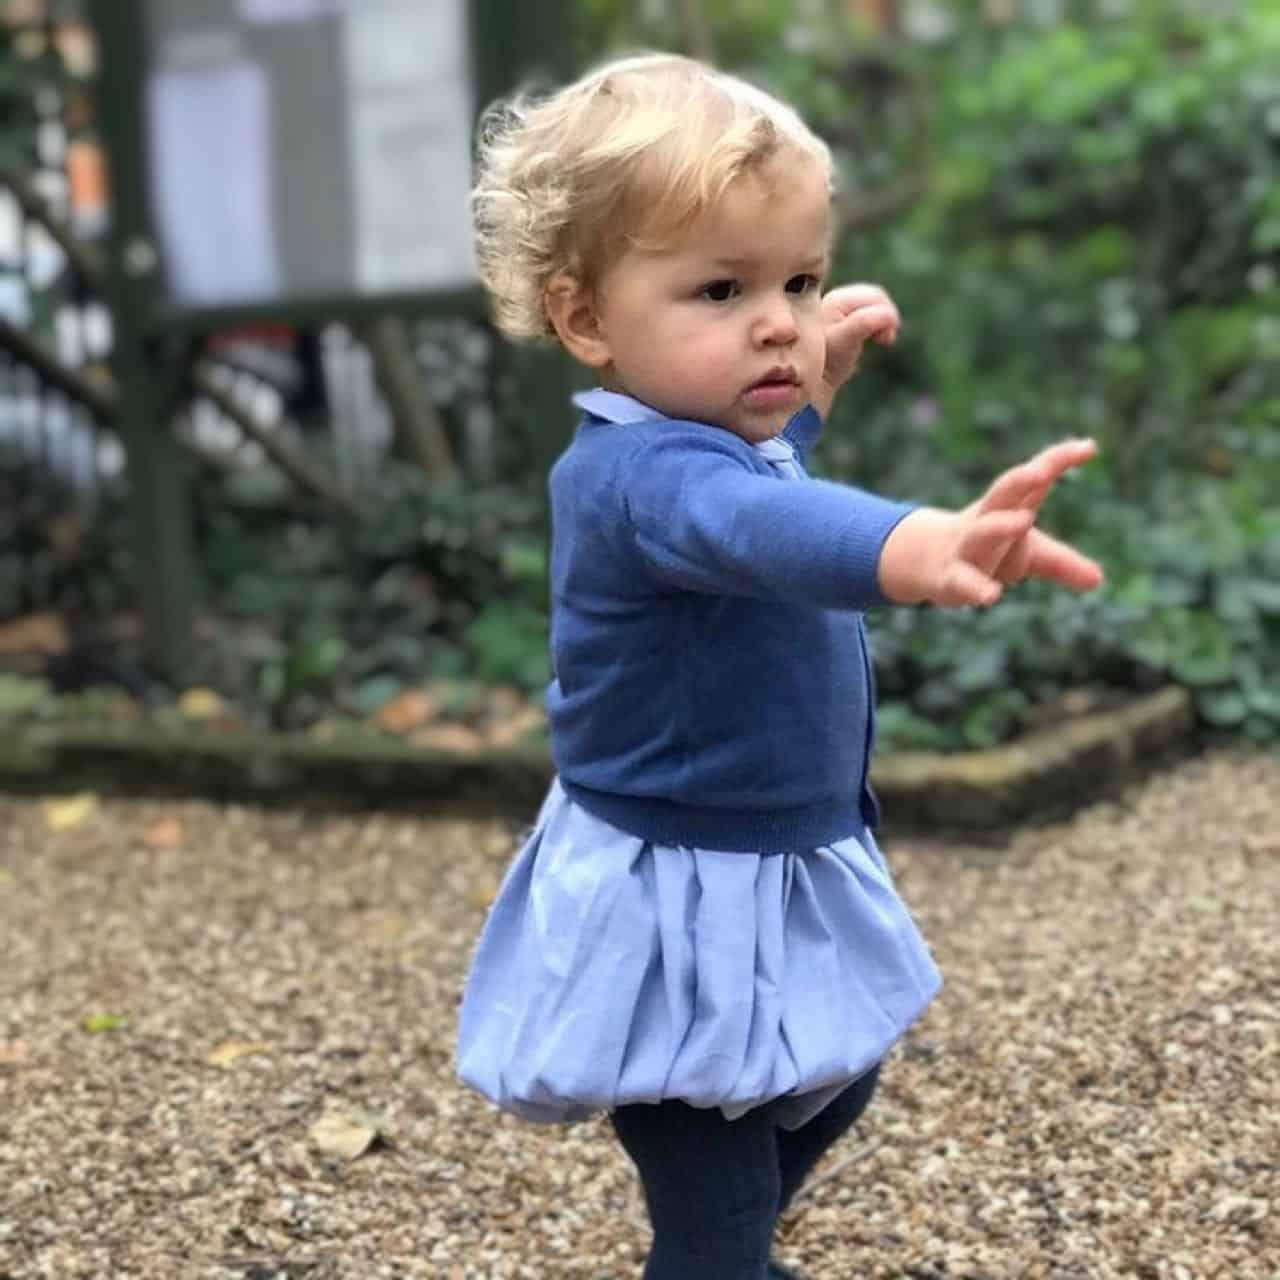 ロンパース🍼2歳頃までの限られた期間のお洋服だから、たくさん目に焼き付けておきたい愛おしい姿↓↓ONLINE STOREhttps://bonitatokyo.com@bonitatokyo︎三越伊勢丹オンラインストアにて新春福袋先行販売中#bonitatokyo #amaiakids #アマイアキッズ #シャーロット王女 #キャサリン妃 #ルイ王子 #女の子ベビー #ベビーファッション #ベビーロンパース #女の子ベビー服 #ベビーボーイ #ベビーガール #ベビー服 #赤ちゃん服 #新生児服 #出産祝い #出産祝いギフト #出産準備 #男の子ベビー #男の子ベビー服 #福袋 #Isetan